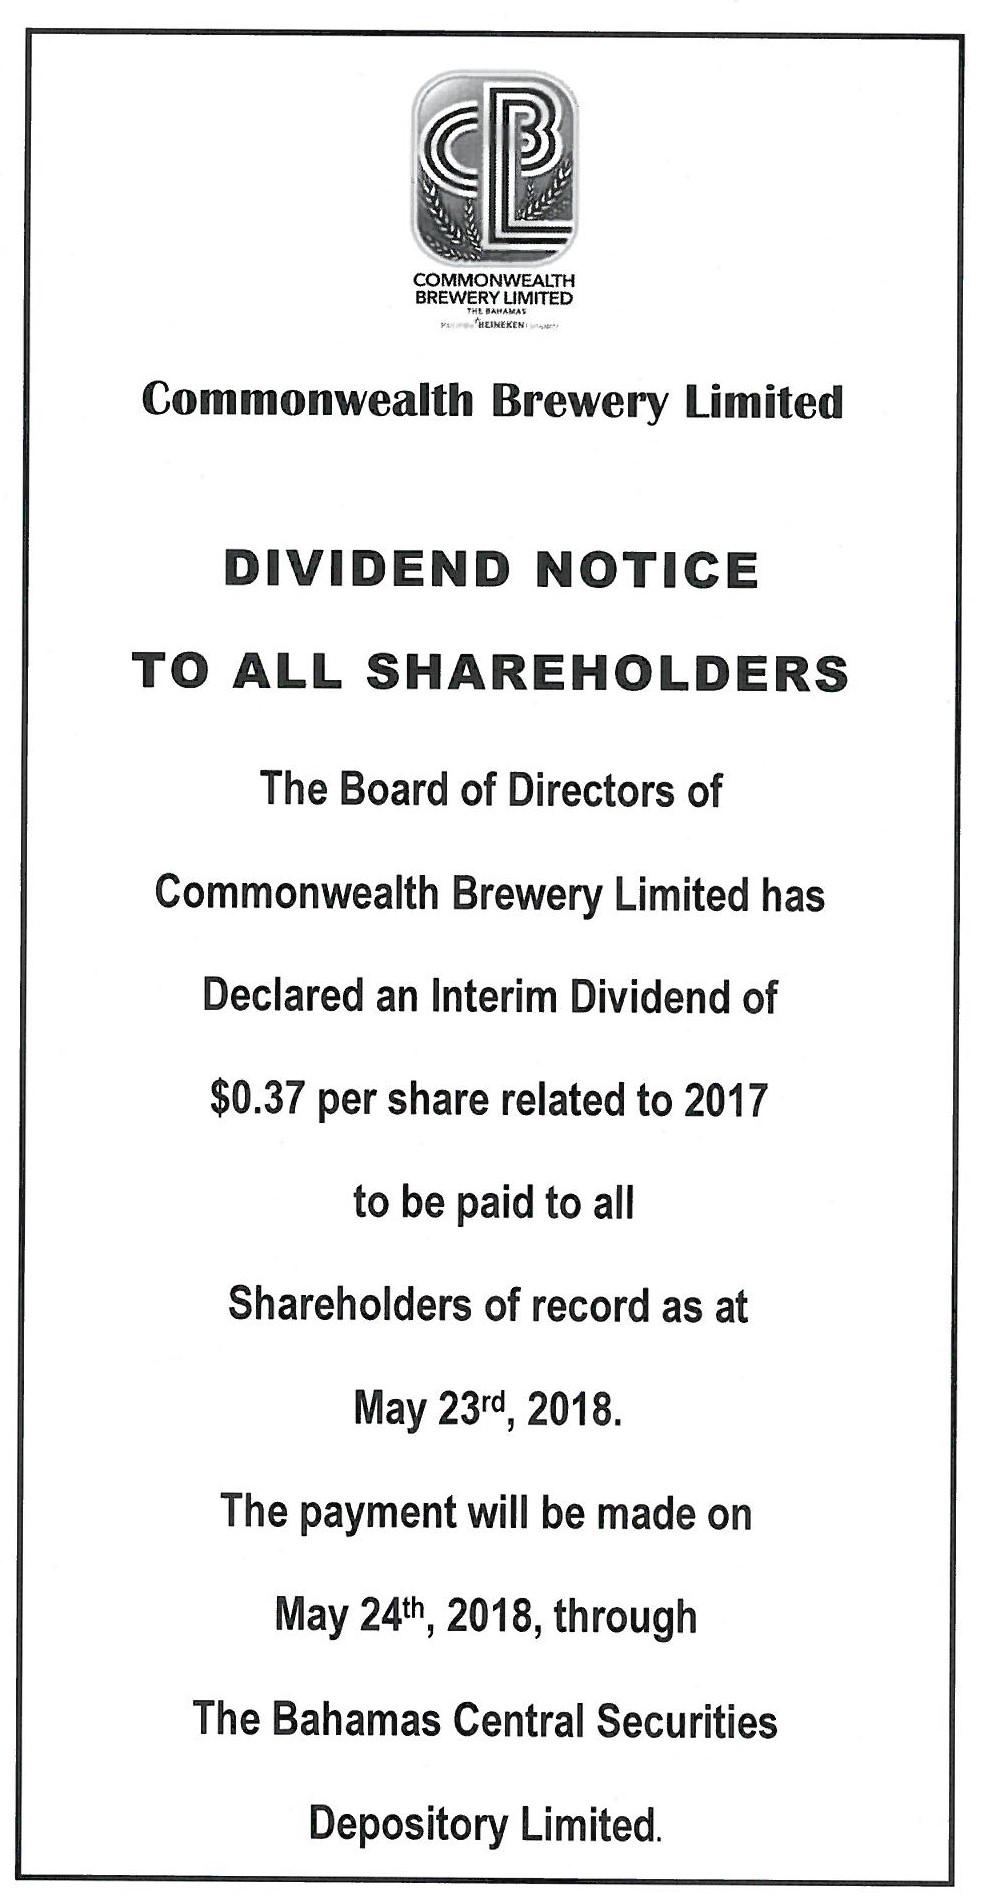 dividend-notice-cbb